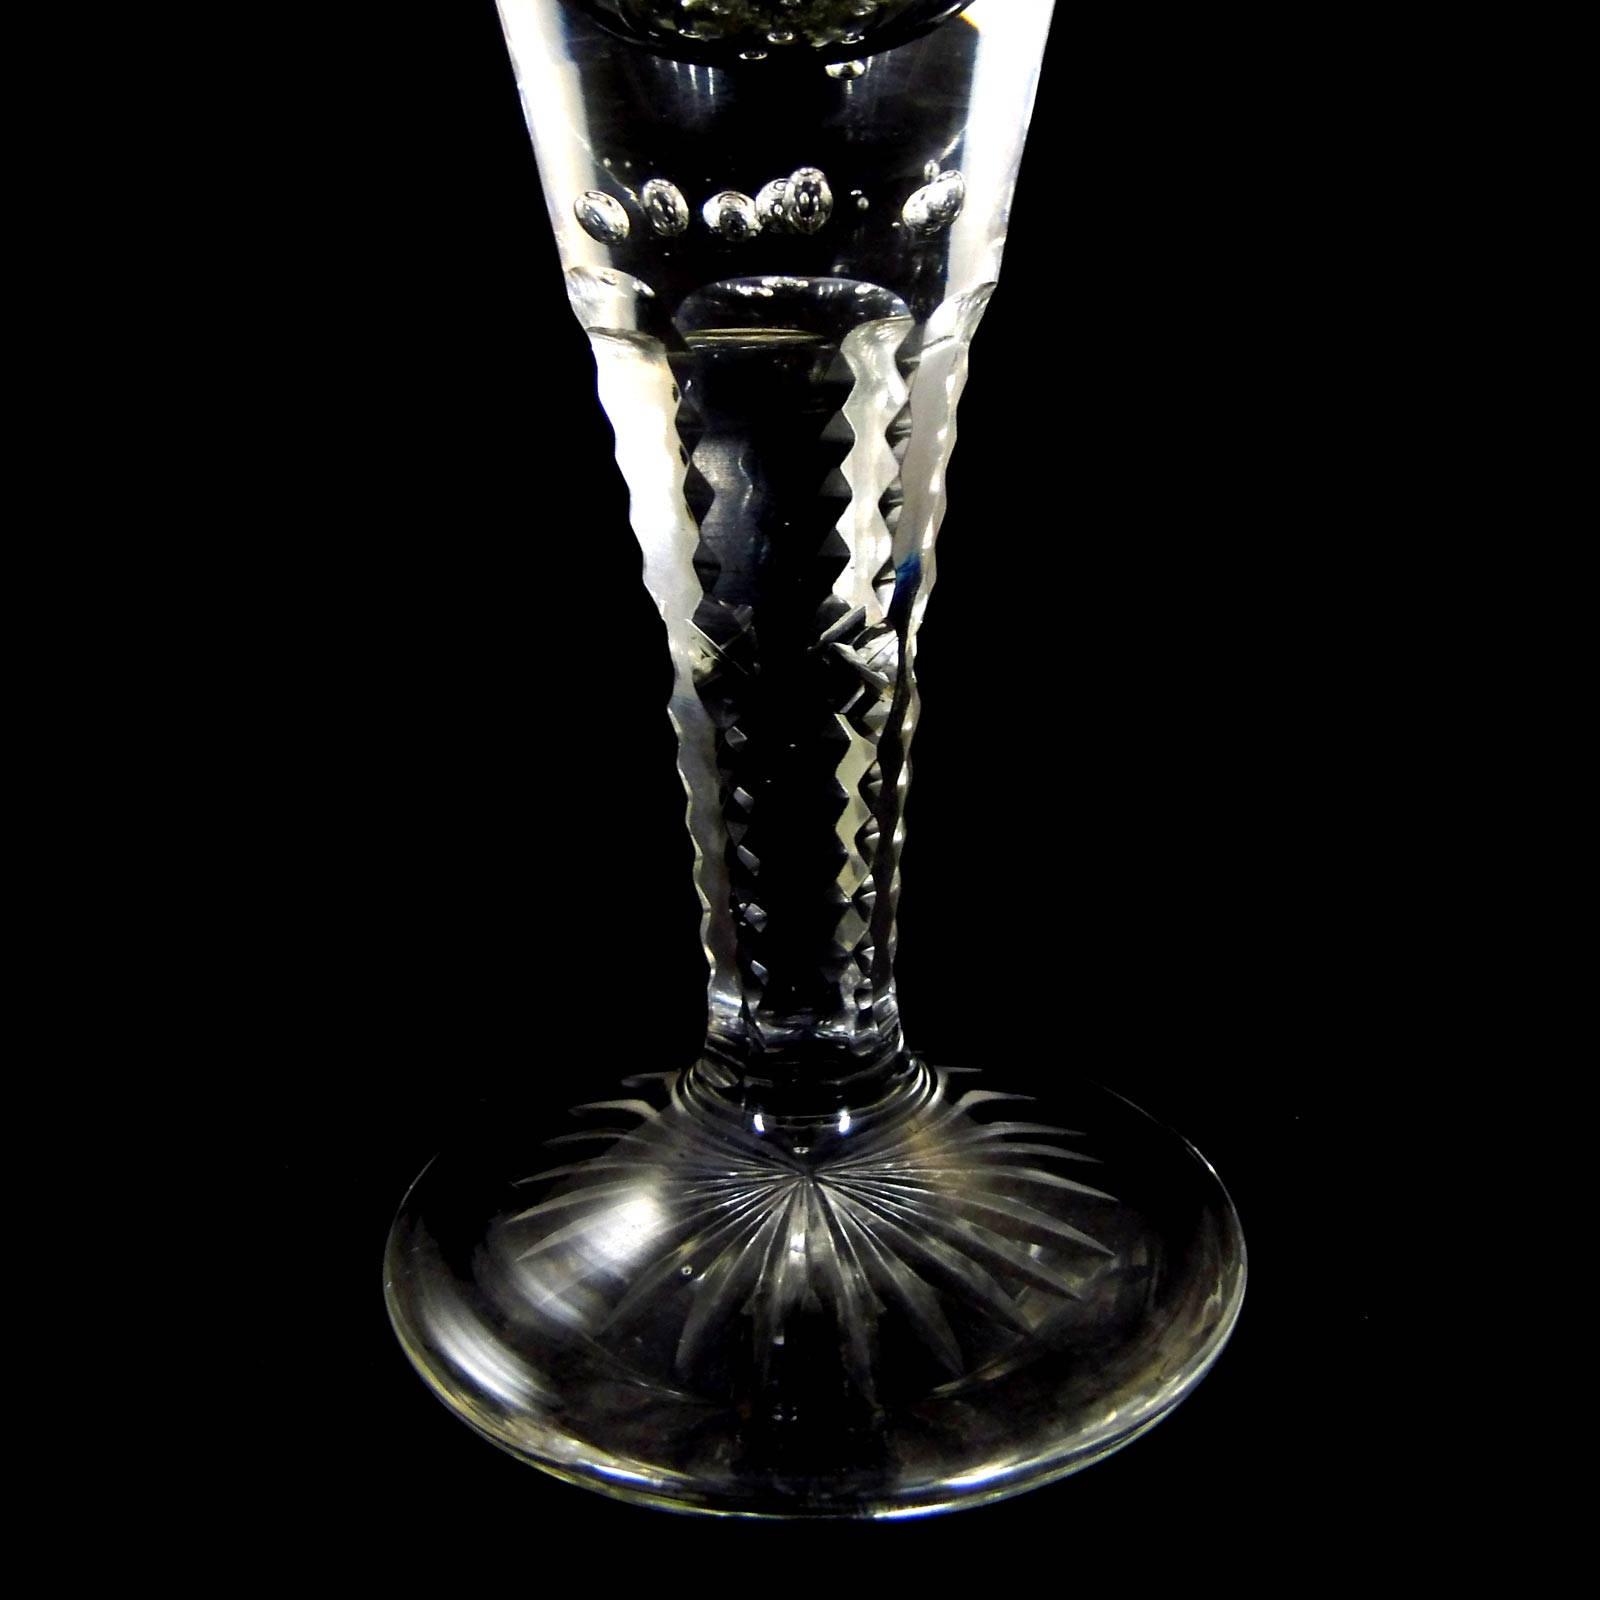 josephinenh tte 4 kl pokale aus farblosem glas mit eingestochenen luftblasen josephinenh tte. Black Bedroom Furniture Sets. Home Design Ideas